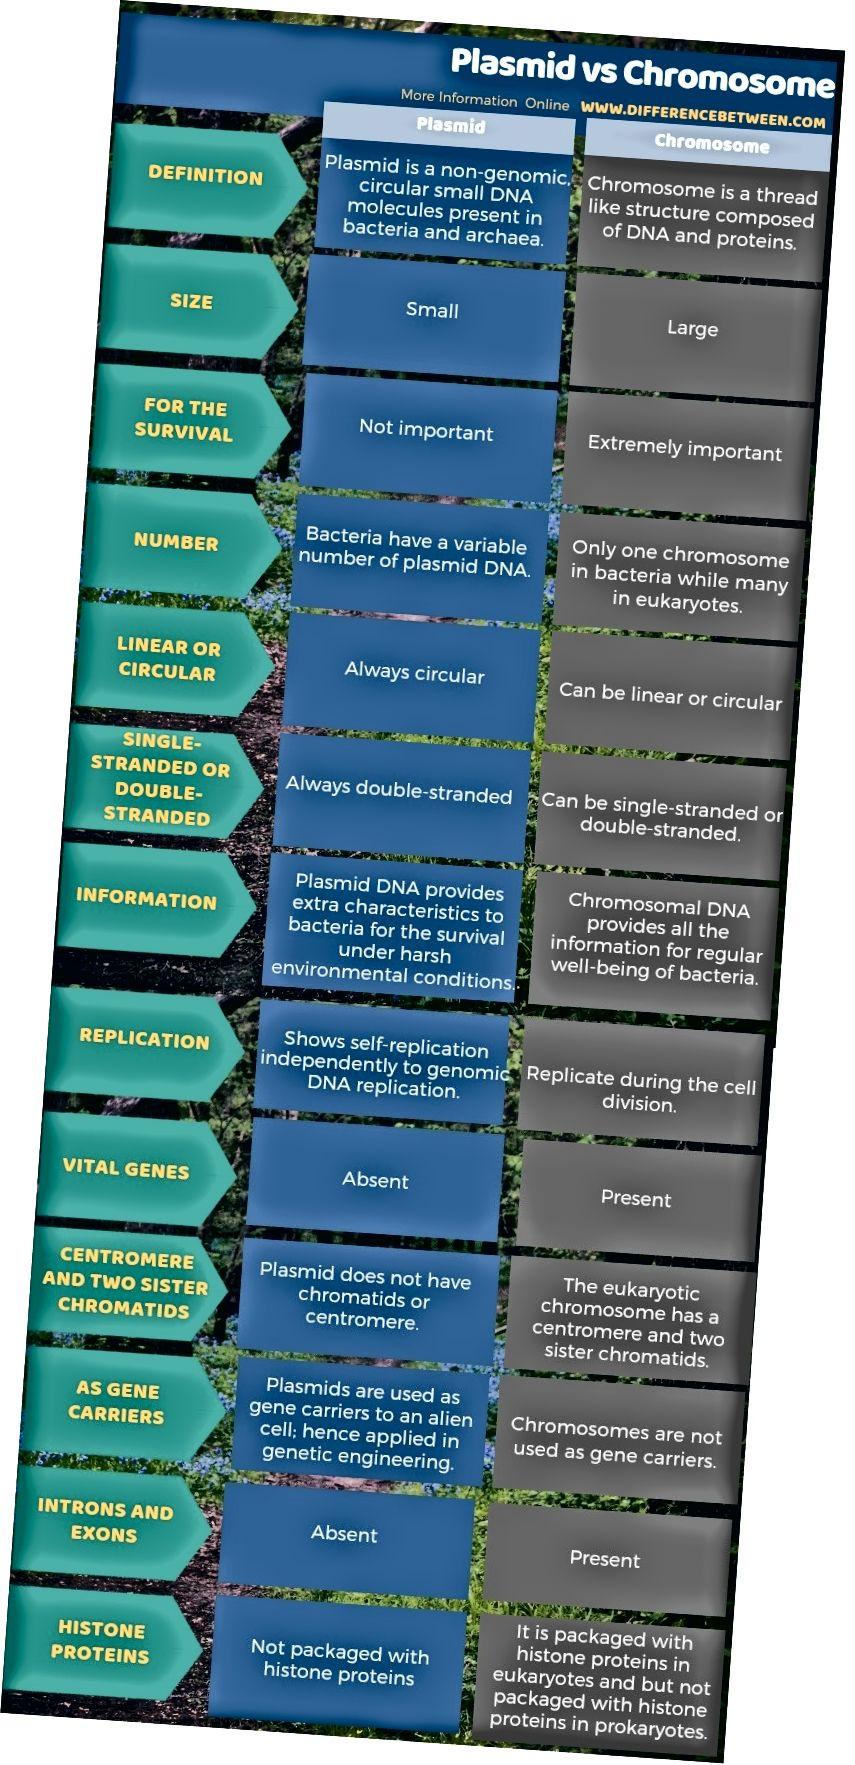 Unterschied zwischen Plasmid und Chromosom in tabellarischer Form